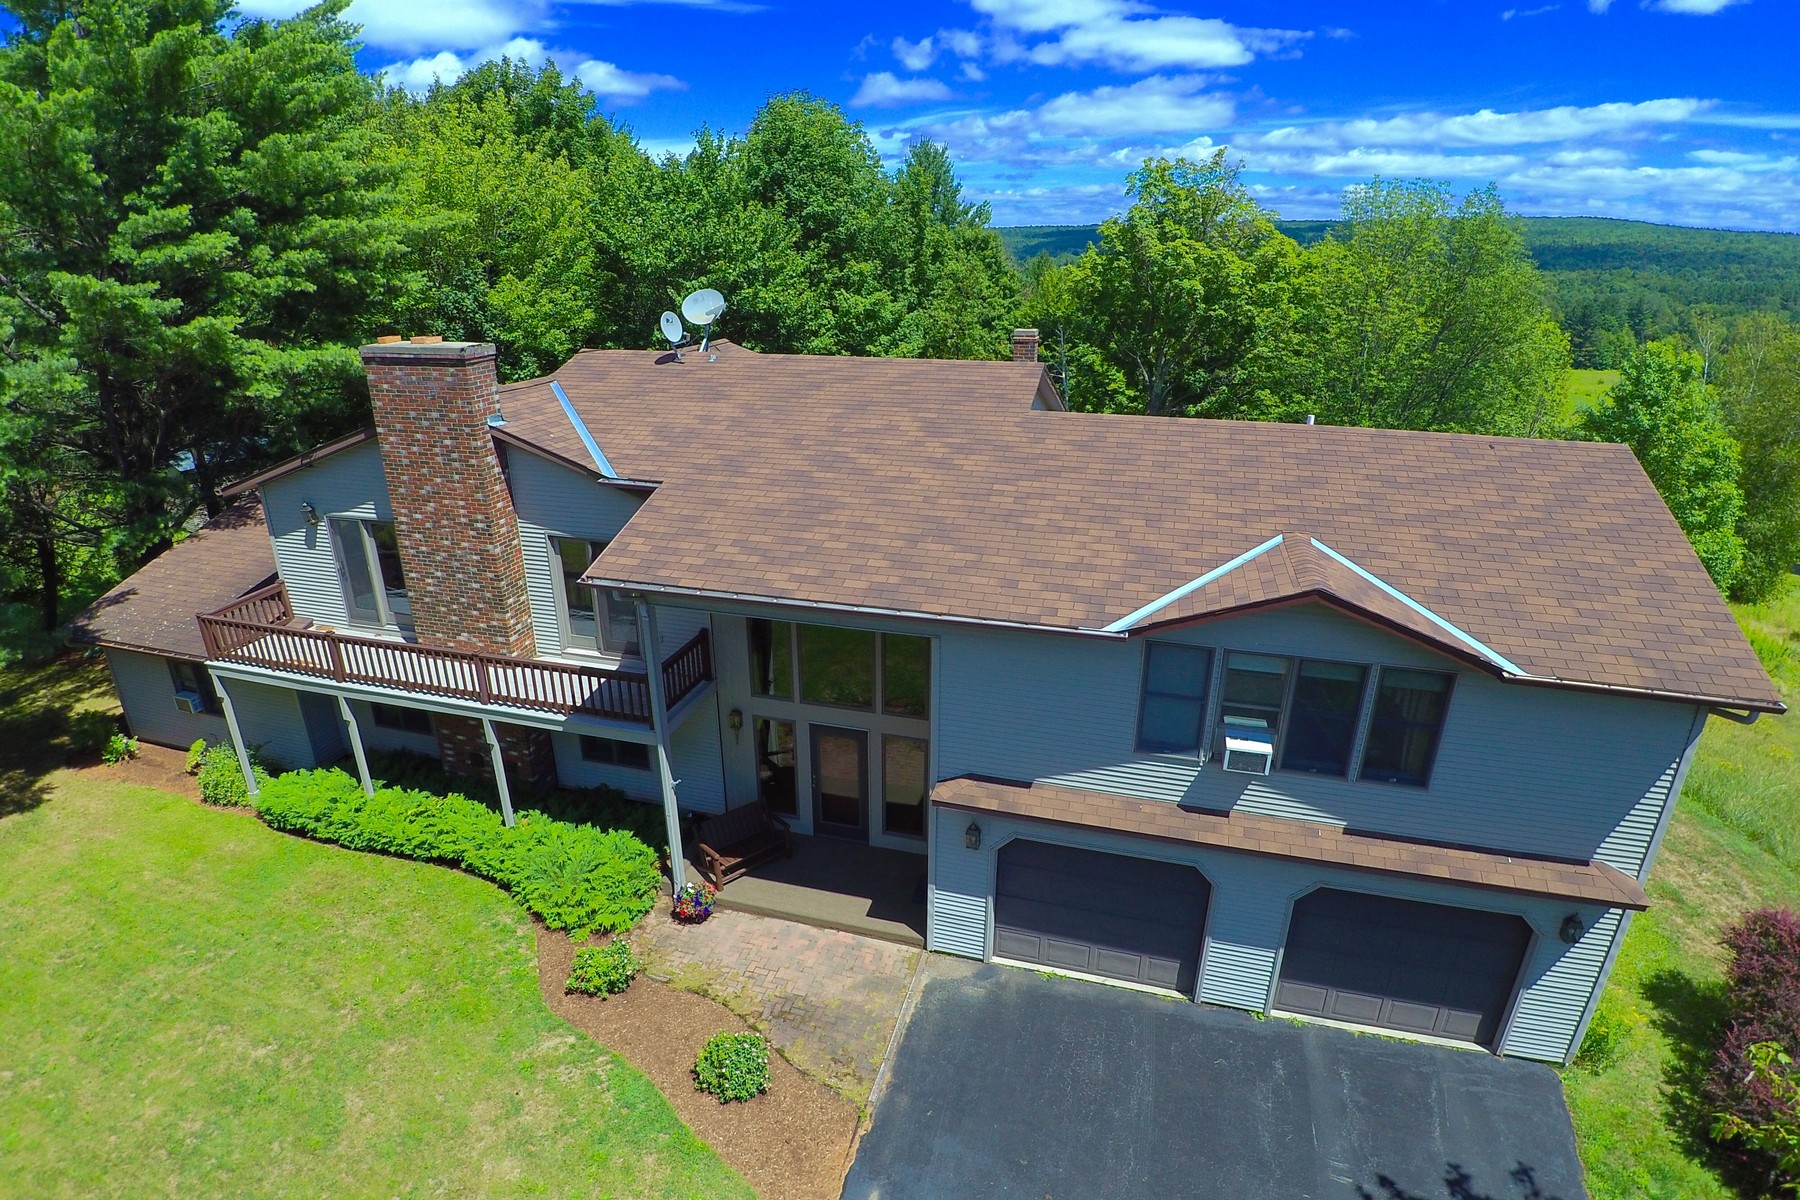 Casa Unifamiliar por un Venta en 1387 Vt Rte 101 Rte, Troy Troy, Vermont, 05859 Estados Unidos